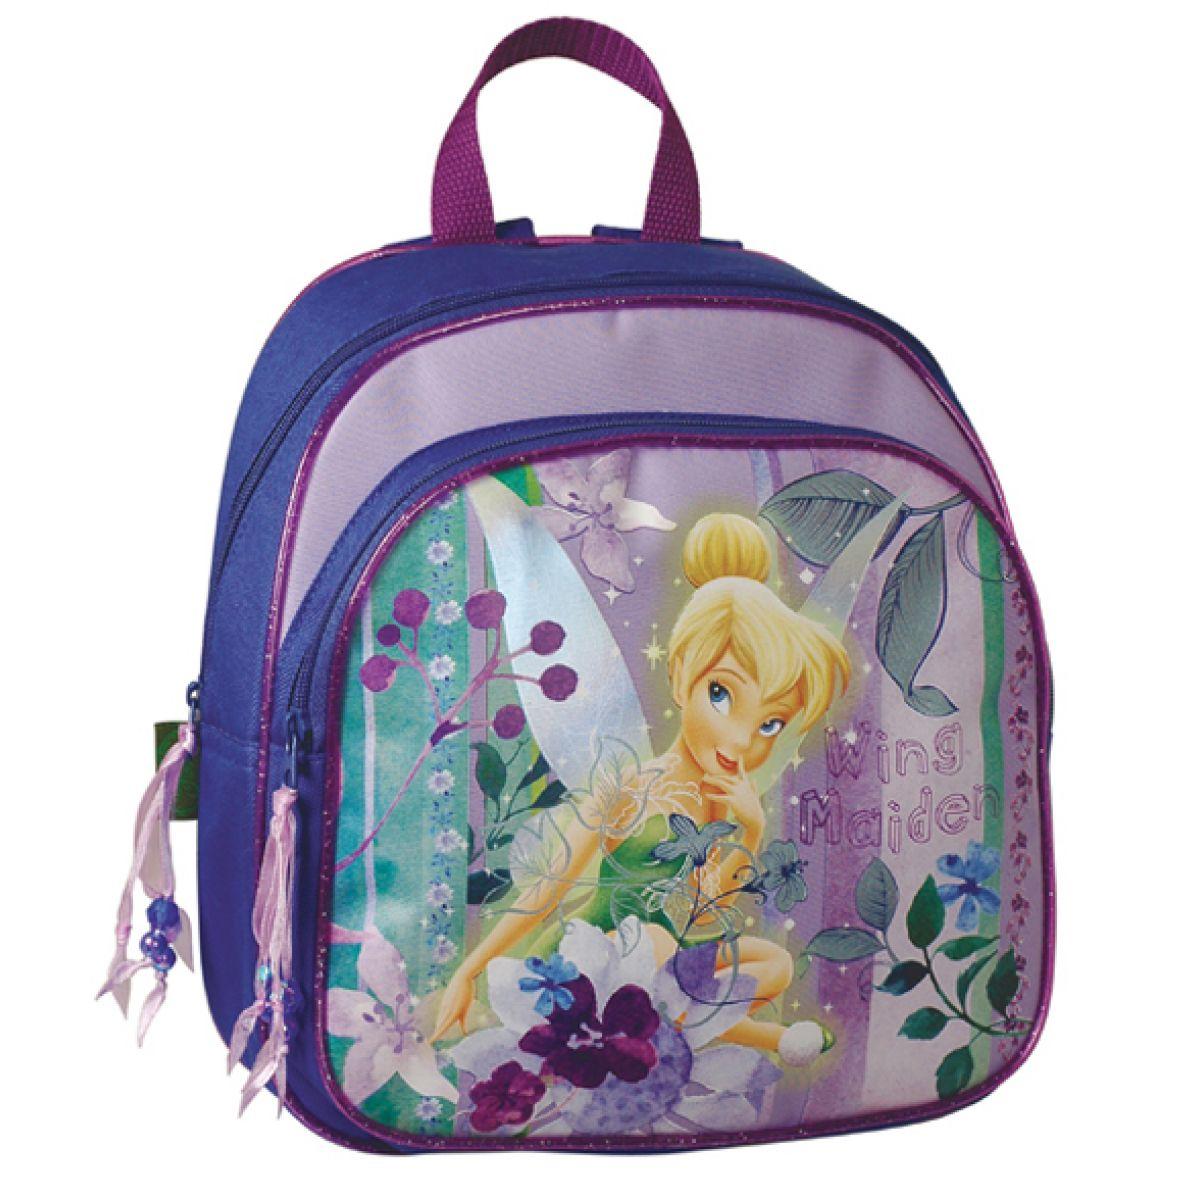 Sun Ce Disney Víla Zvonilka Termo batoh - tmavě fialový